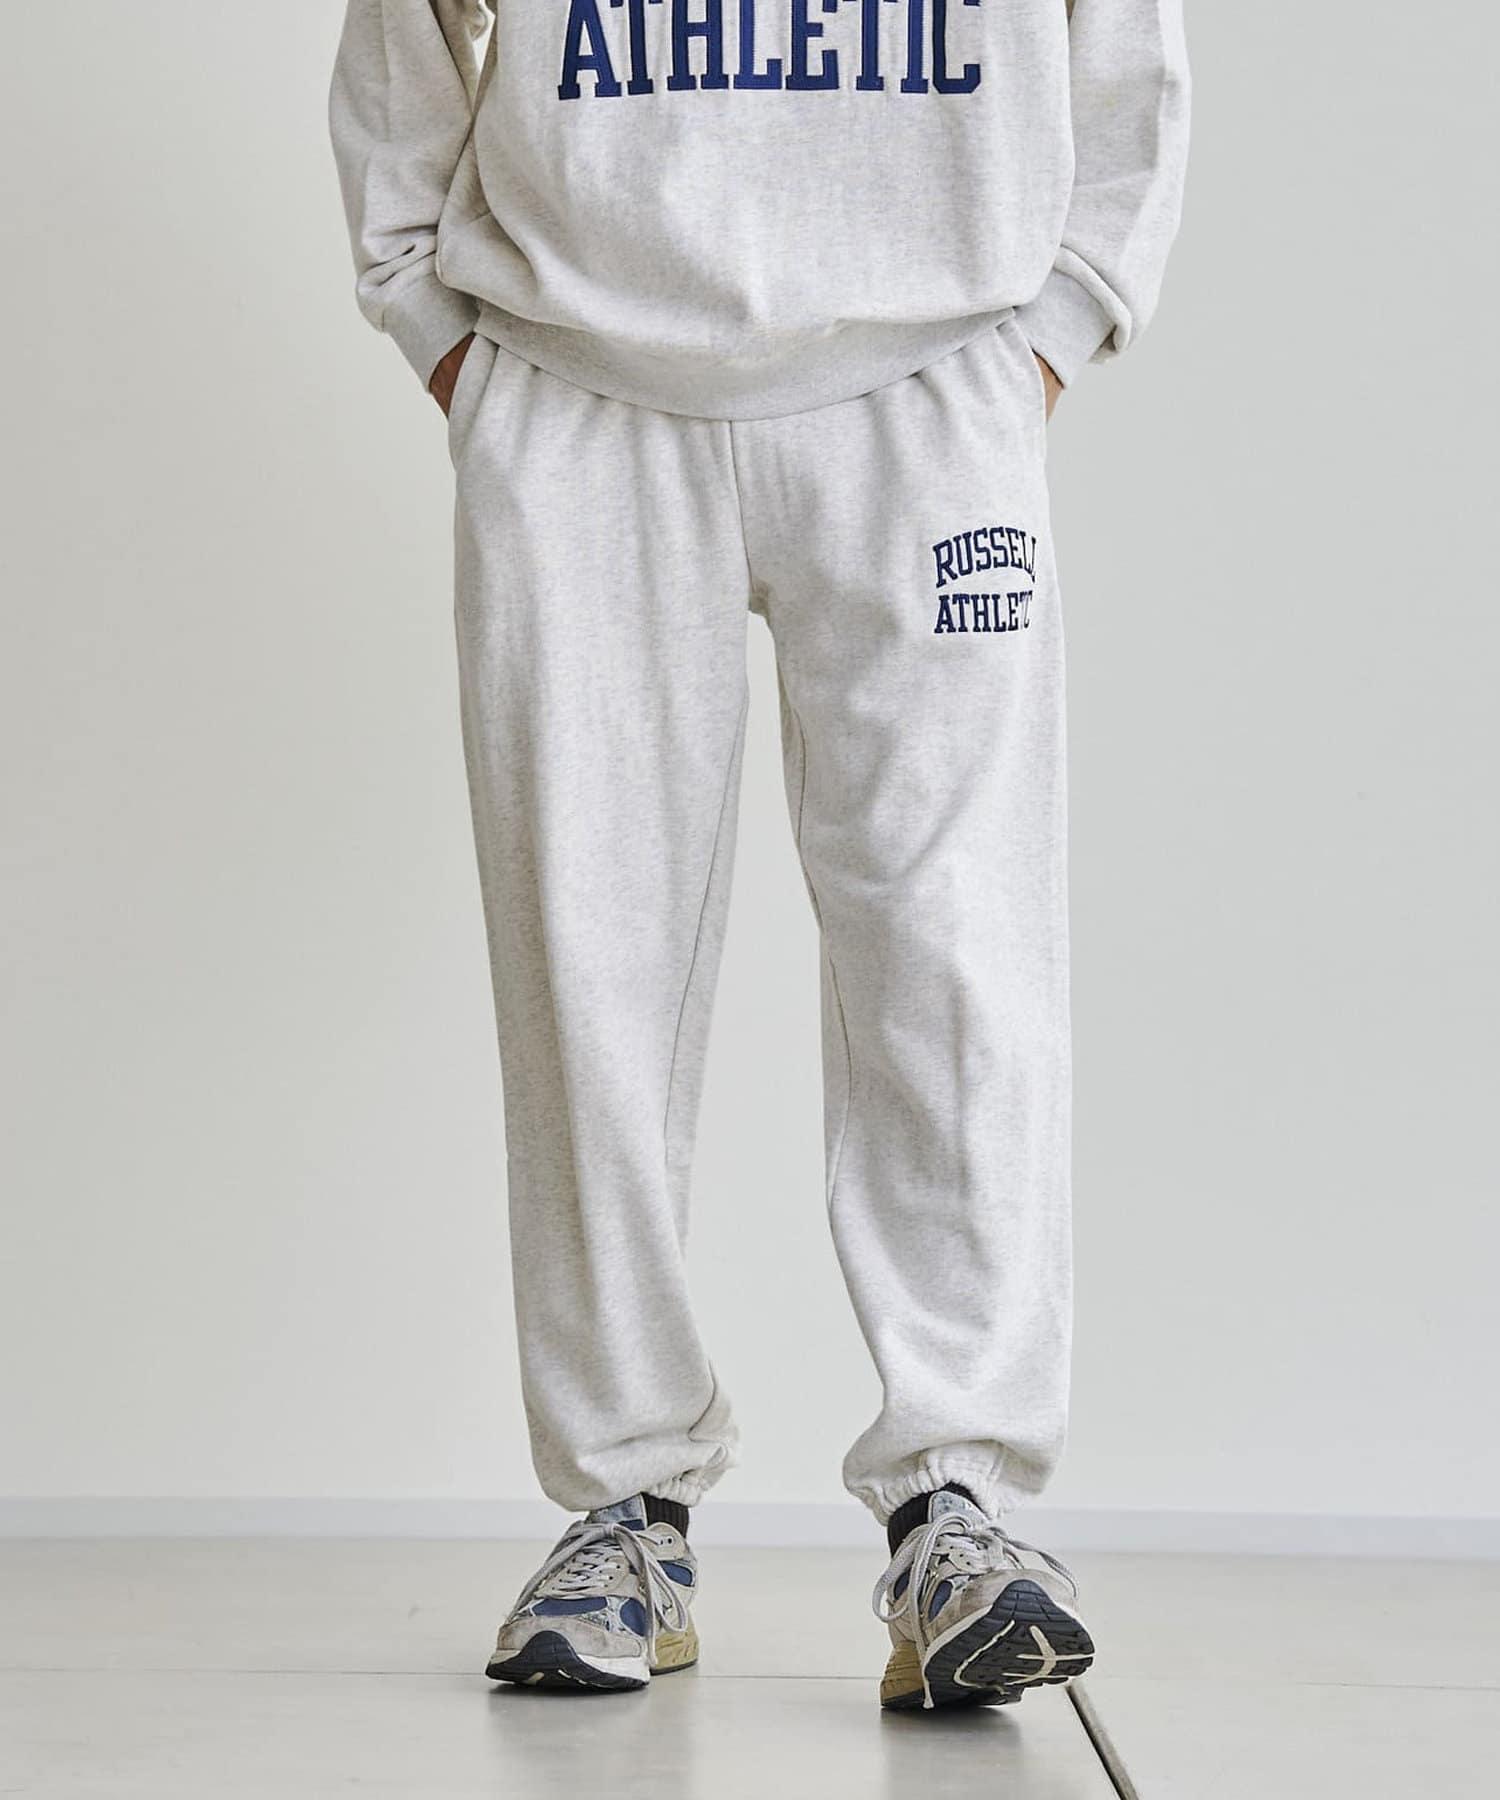 CPCM(シーピーシーエム) 【Russell Athletic】1ポイント刺繍スウェットパンツ